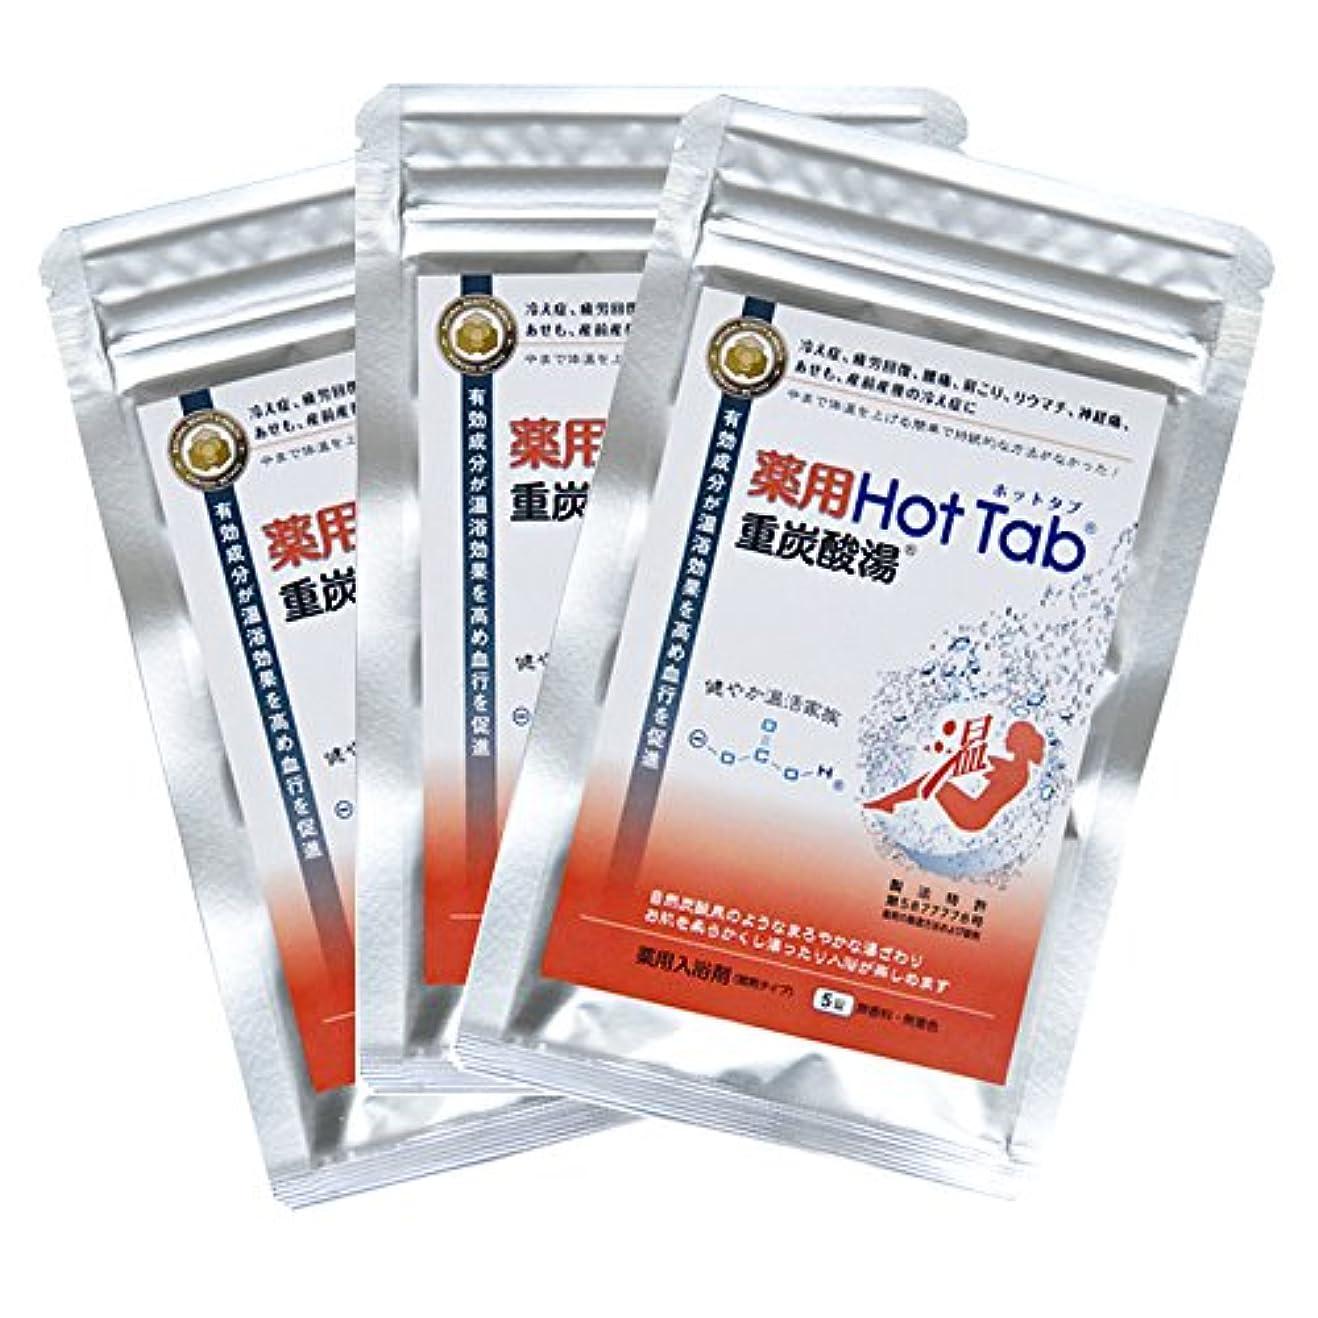 ご予約フィルタ予知薬用 Hot Tab 重炭酸湯 5錠入りx3セット